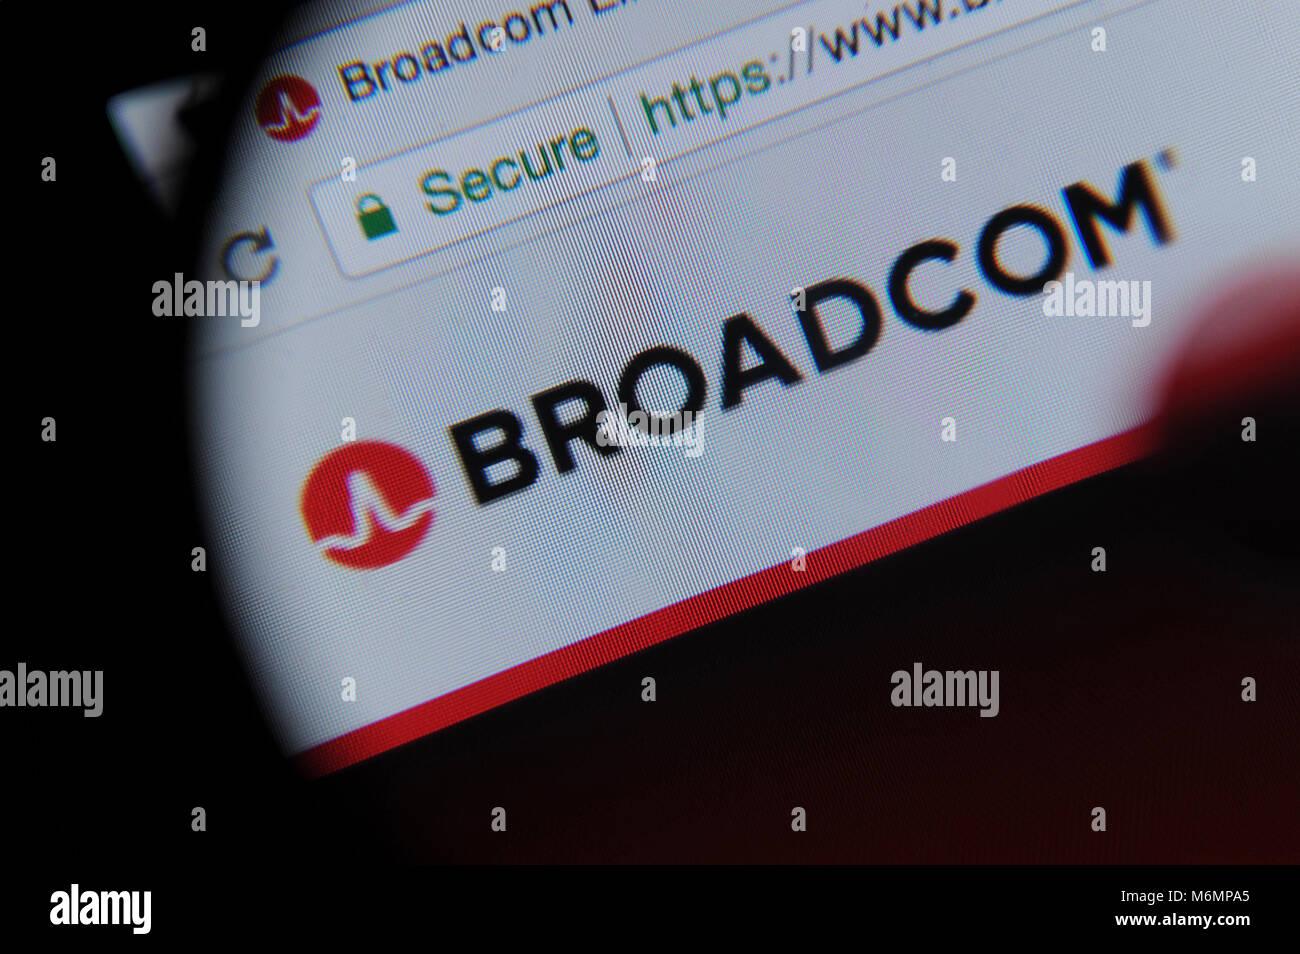 Broadcom Stock Photo: 176248189 - Alamy